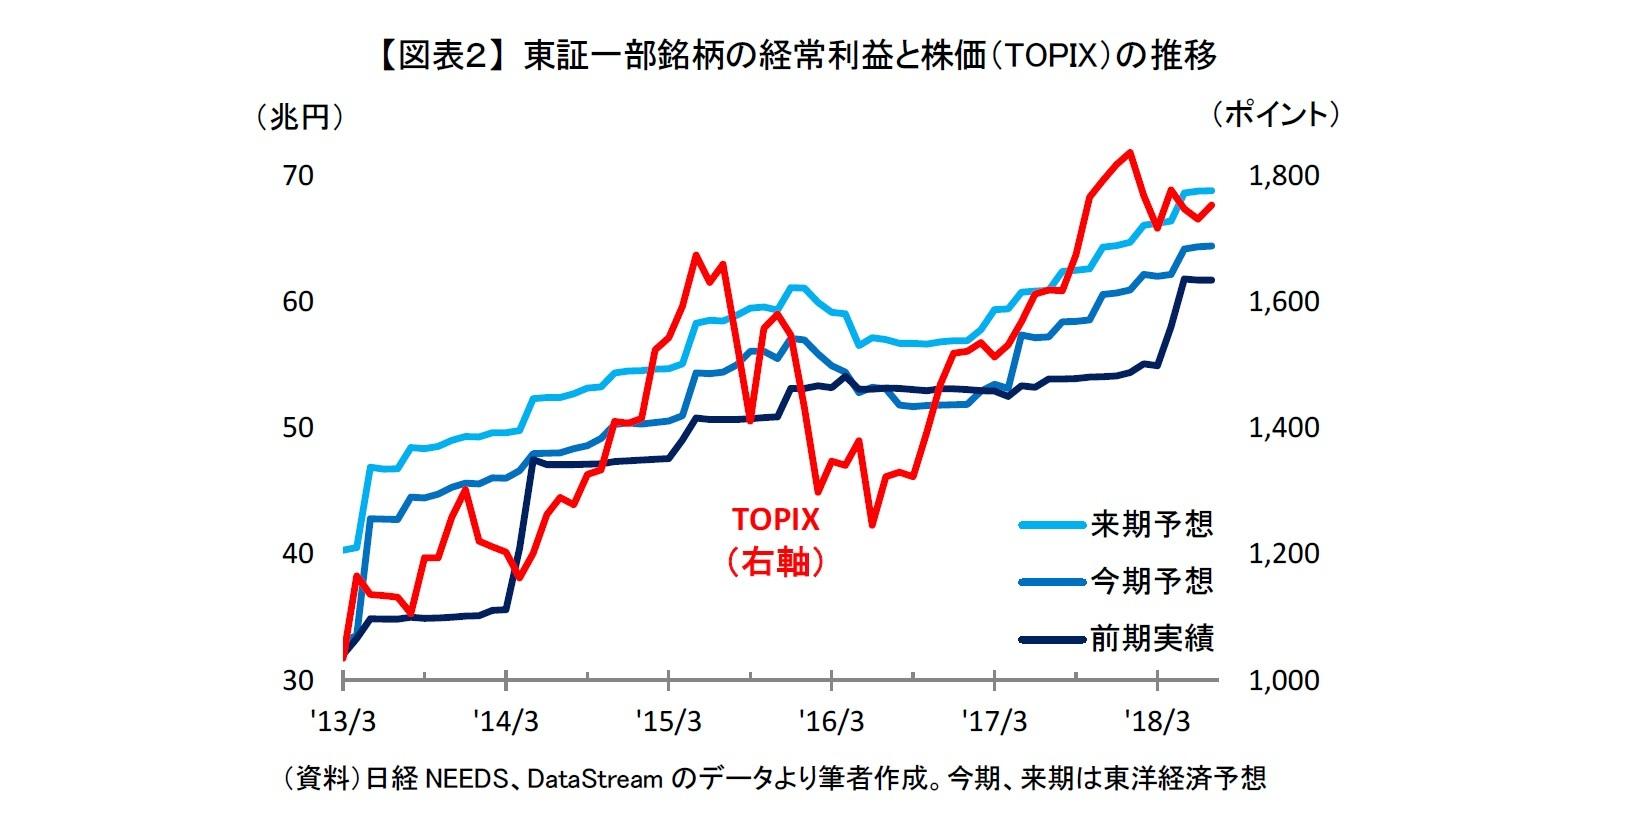 【図表2】 東証一部銘柄の経常利益と株価(TOPIX)の推移